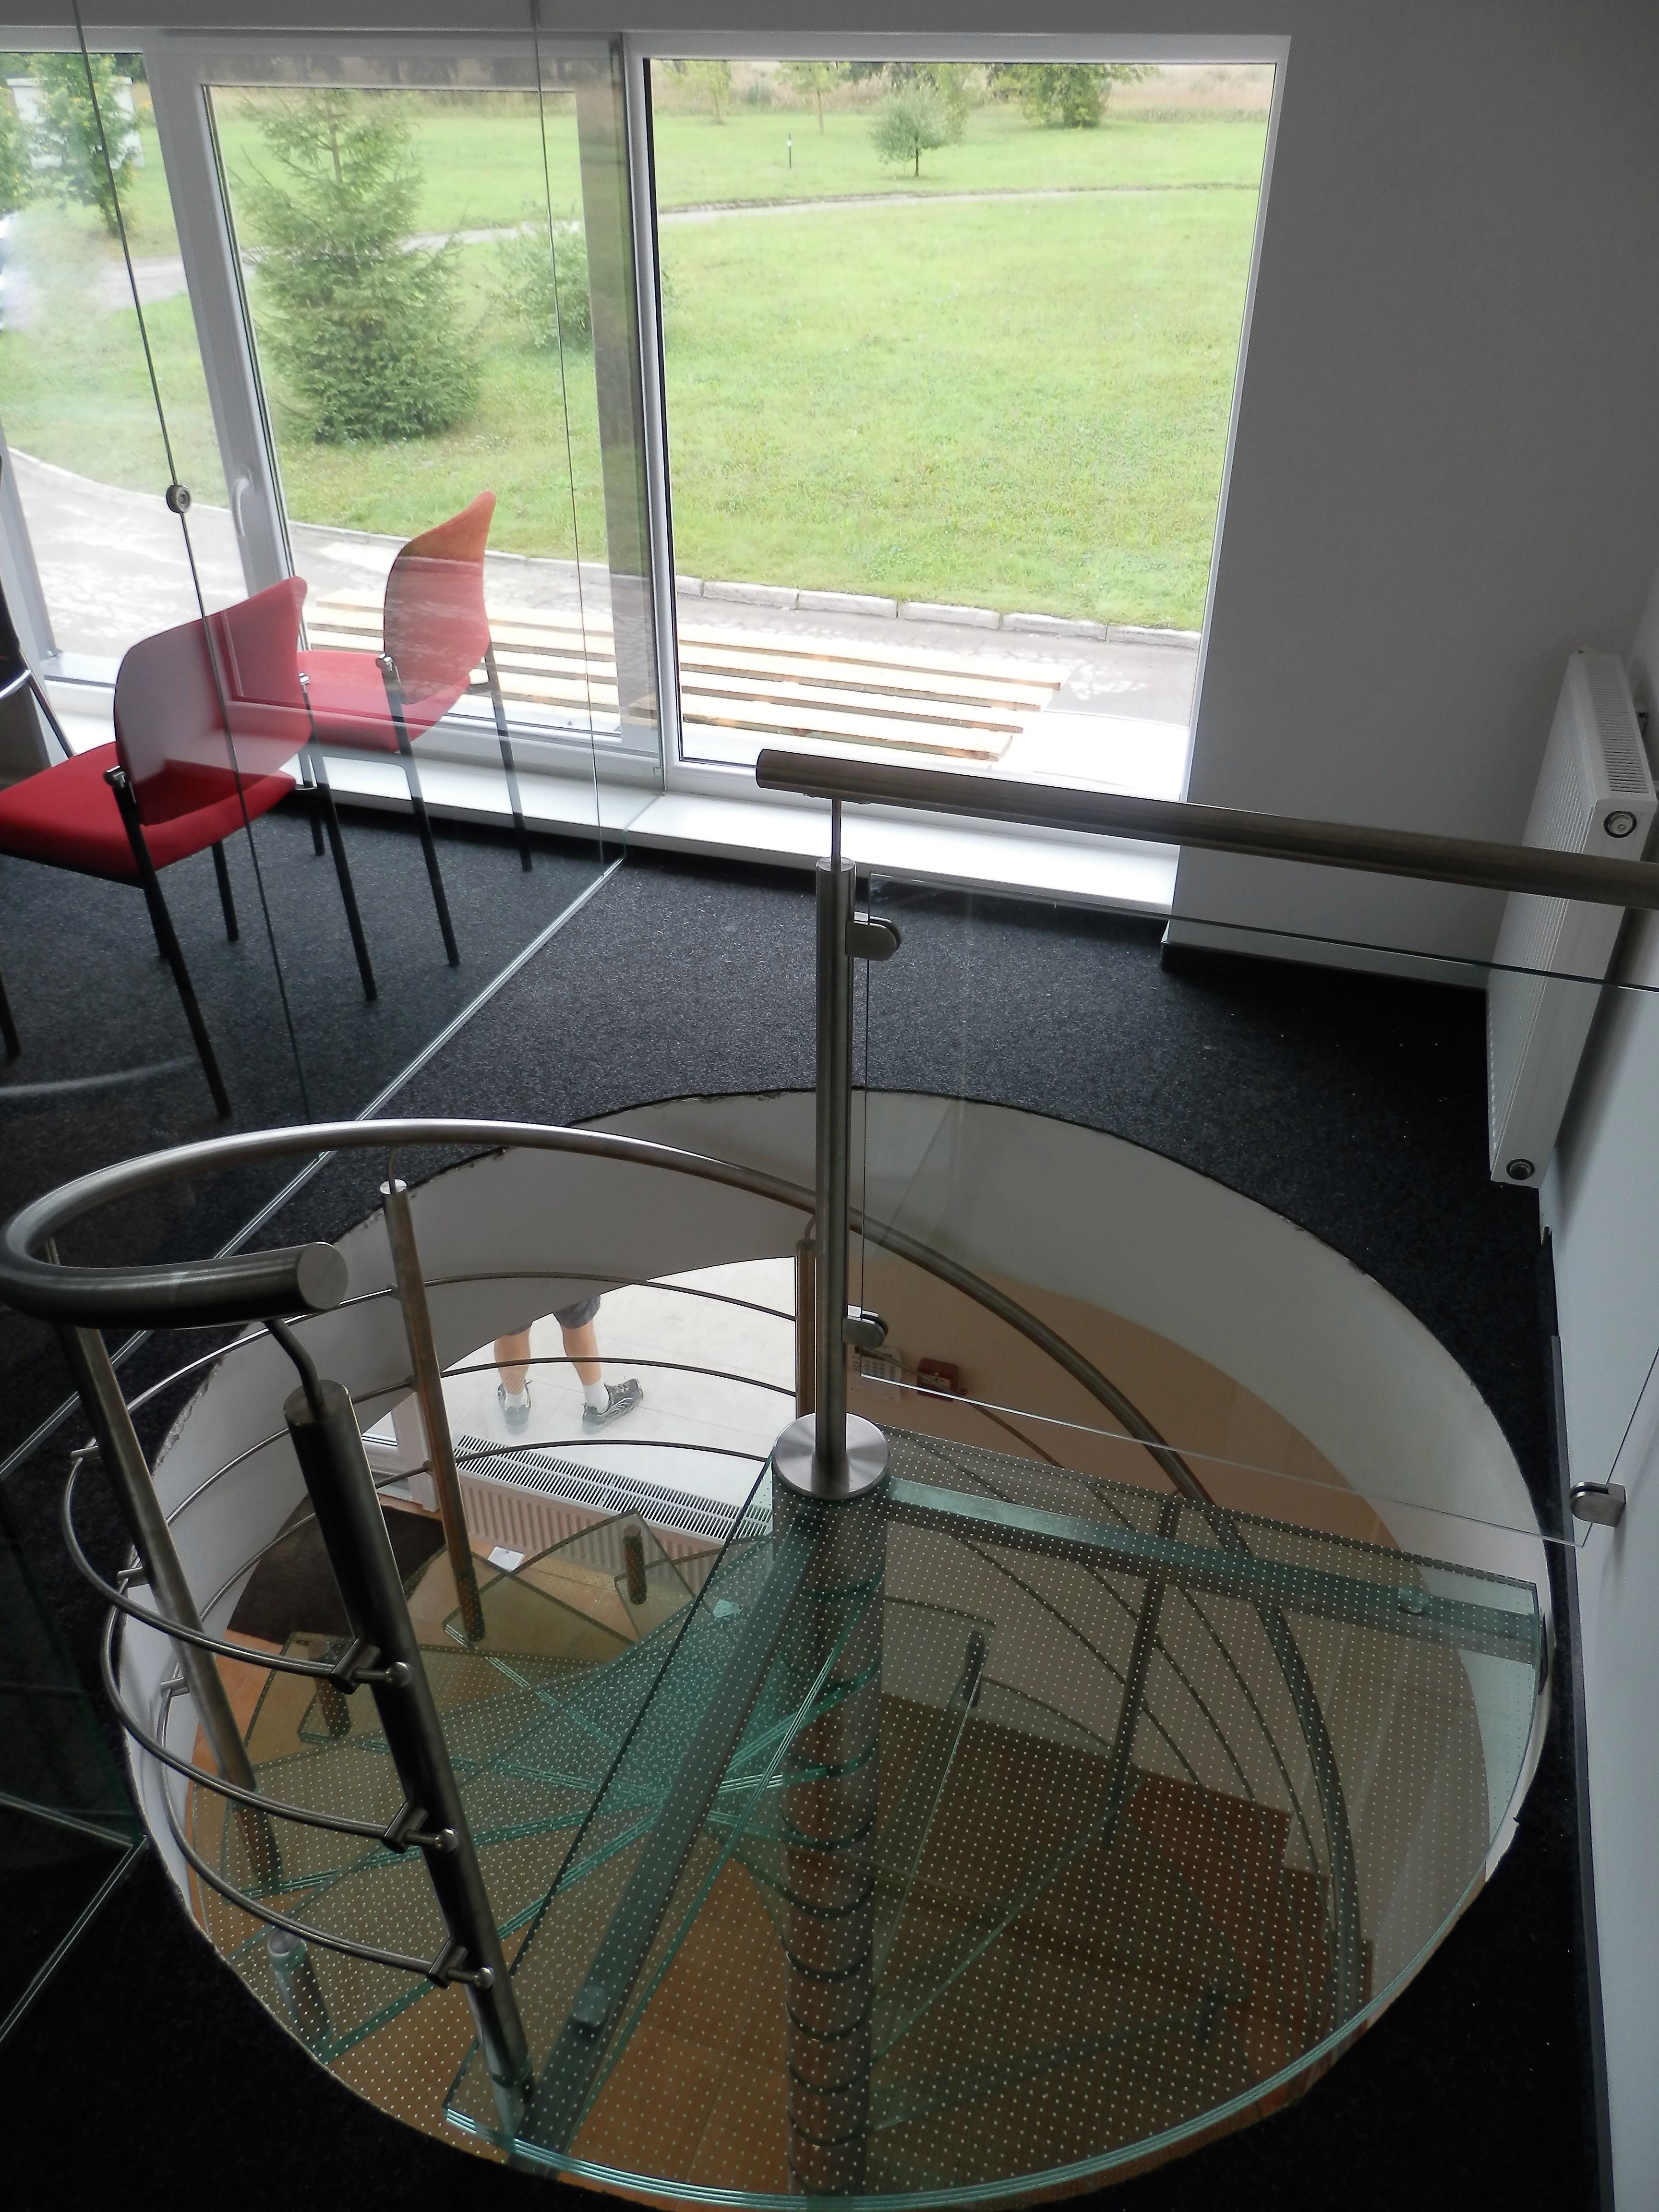 Sraigtiniai laiptai biure